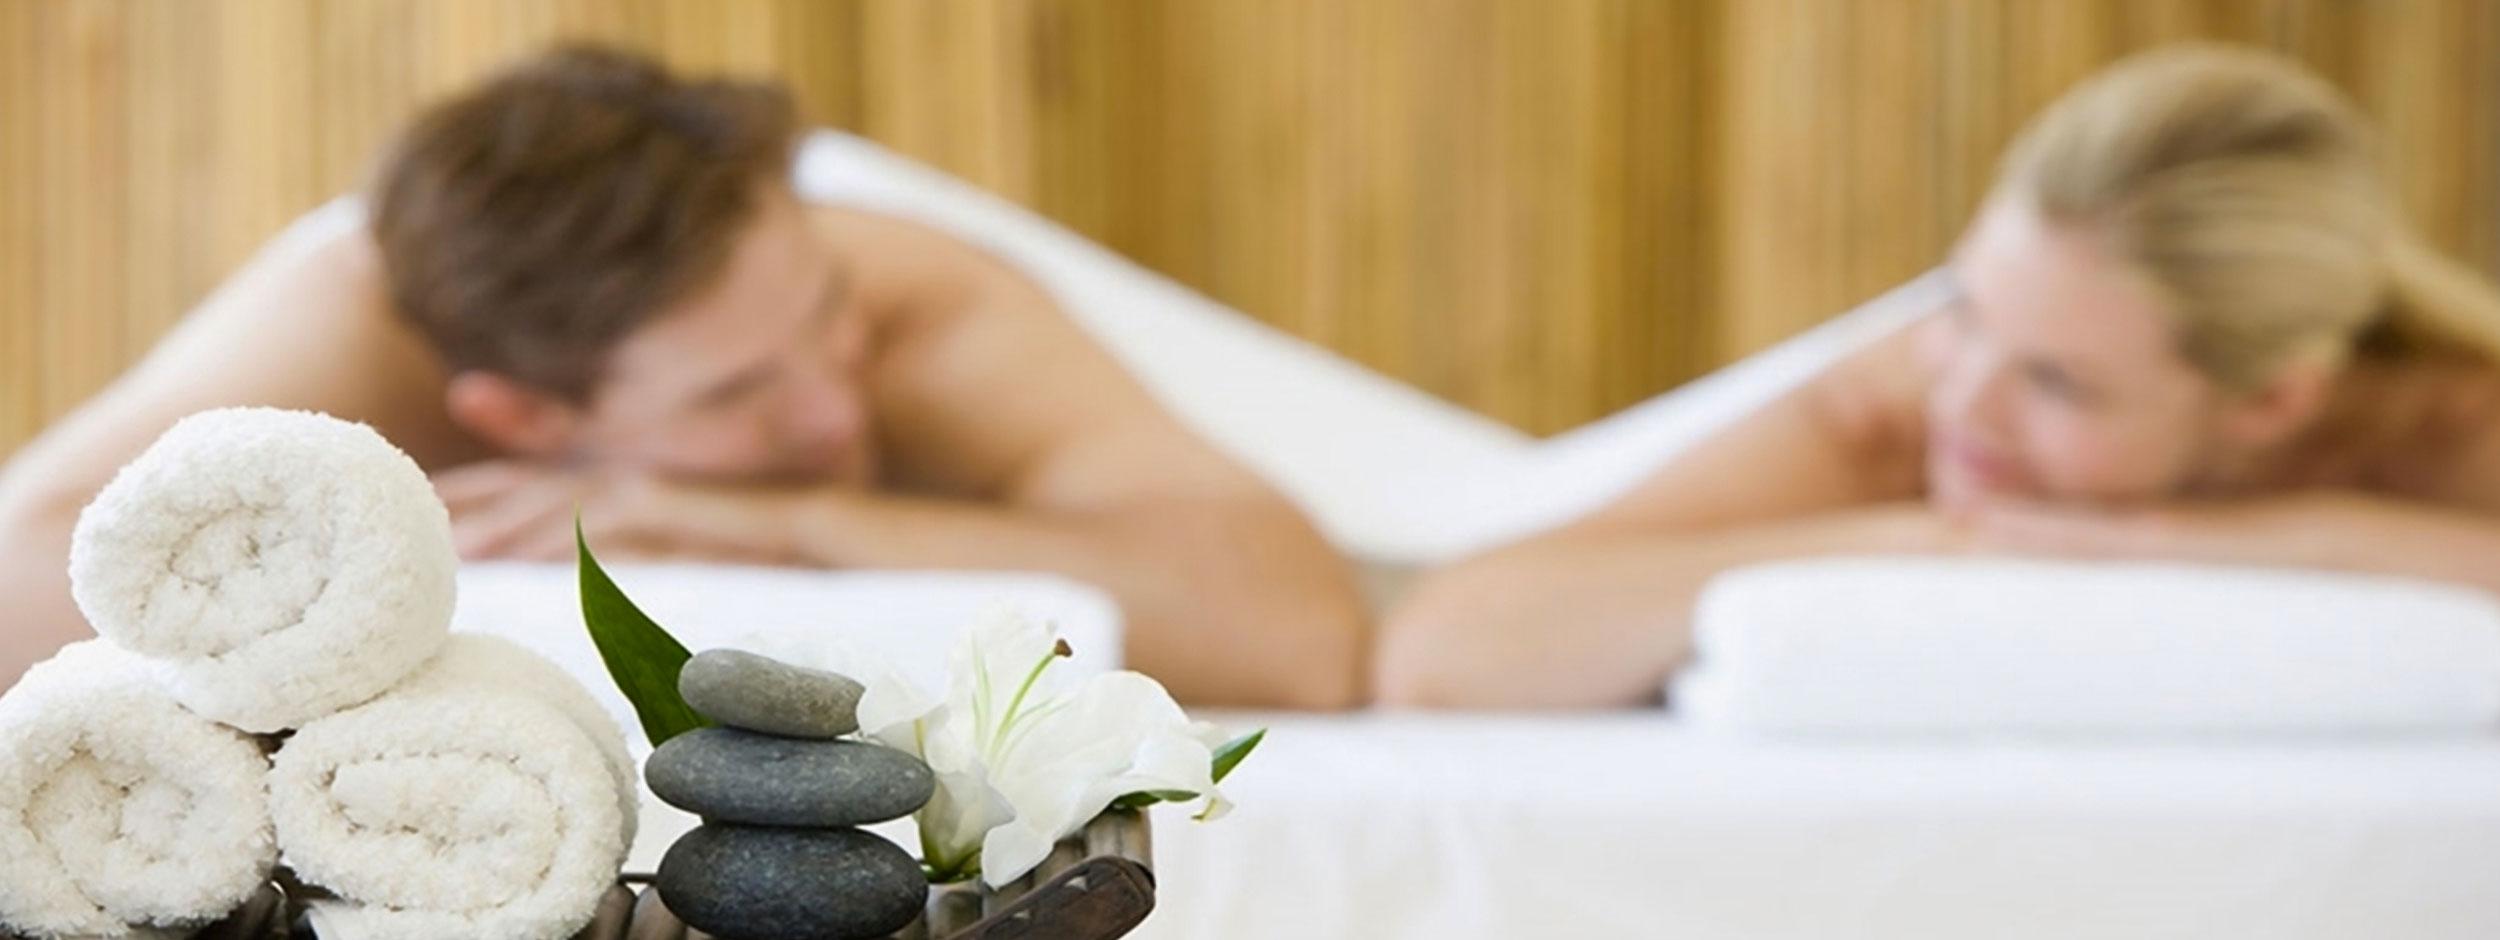 Preços do Tratamento em Spa no Ibirapuera - Day Spa no Paraíso